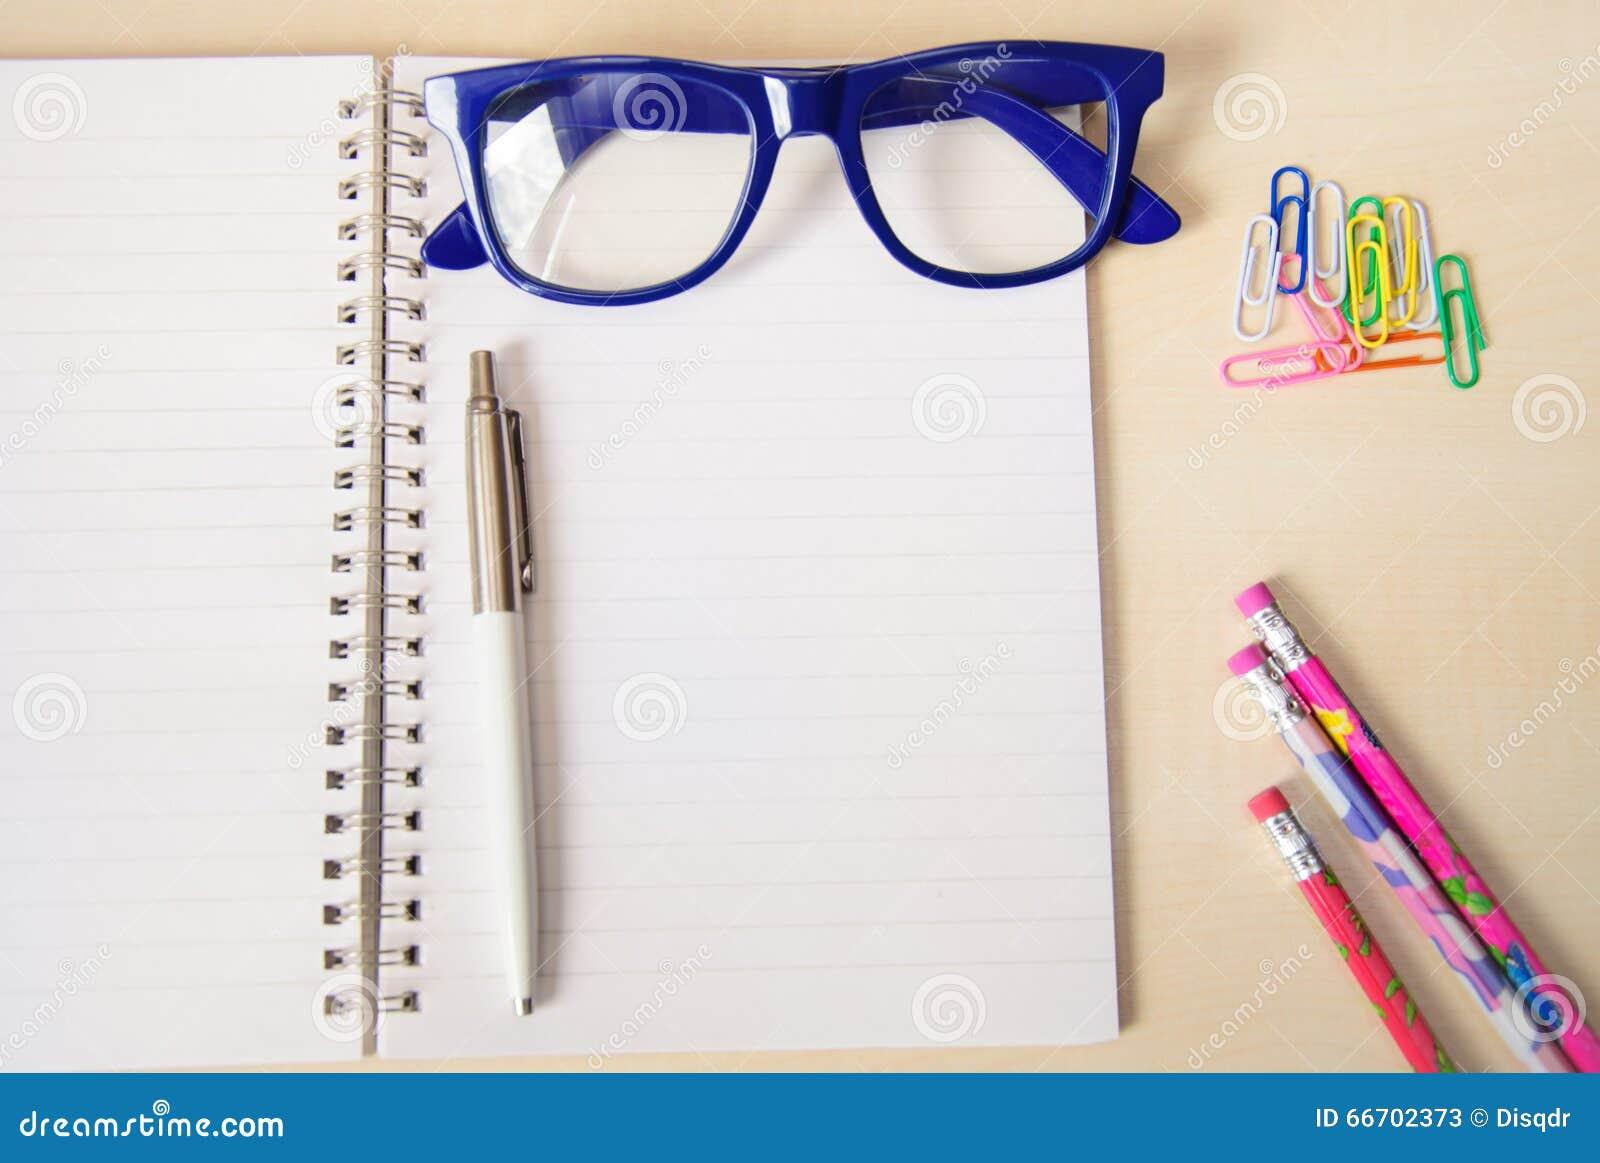 El Cuaderno Vacío Con Los Accesorios De La Oficina Y El Marco Azul ...